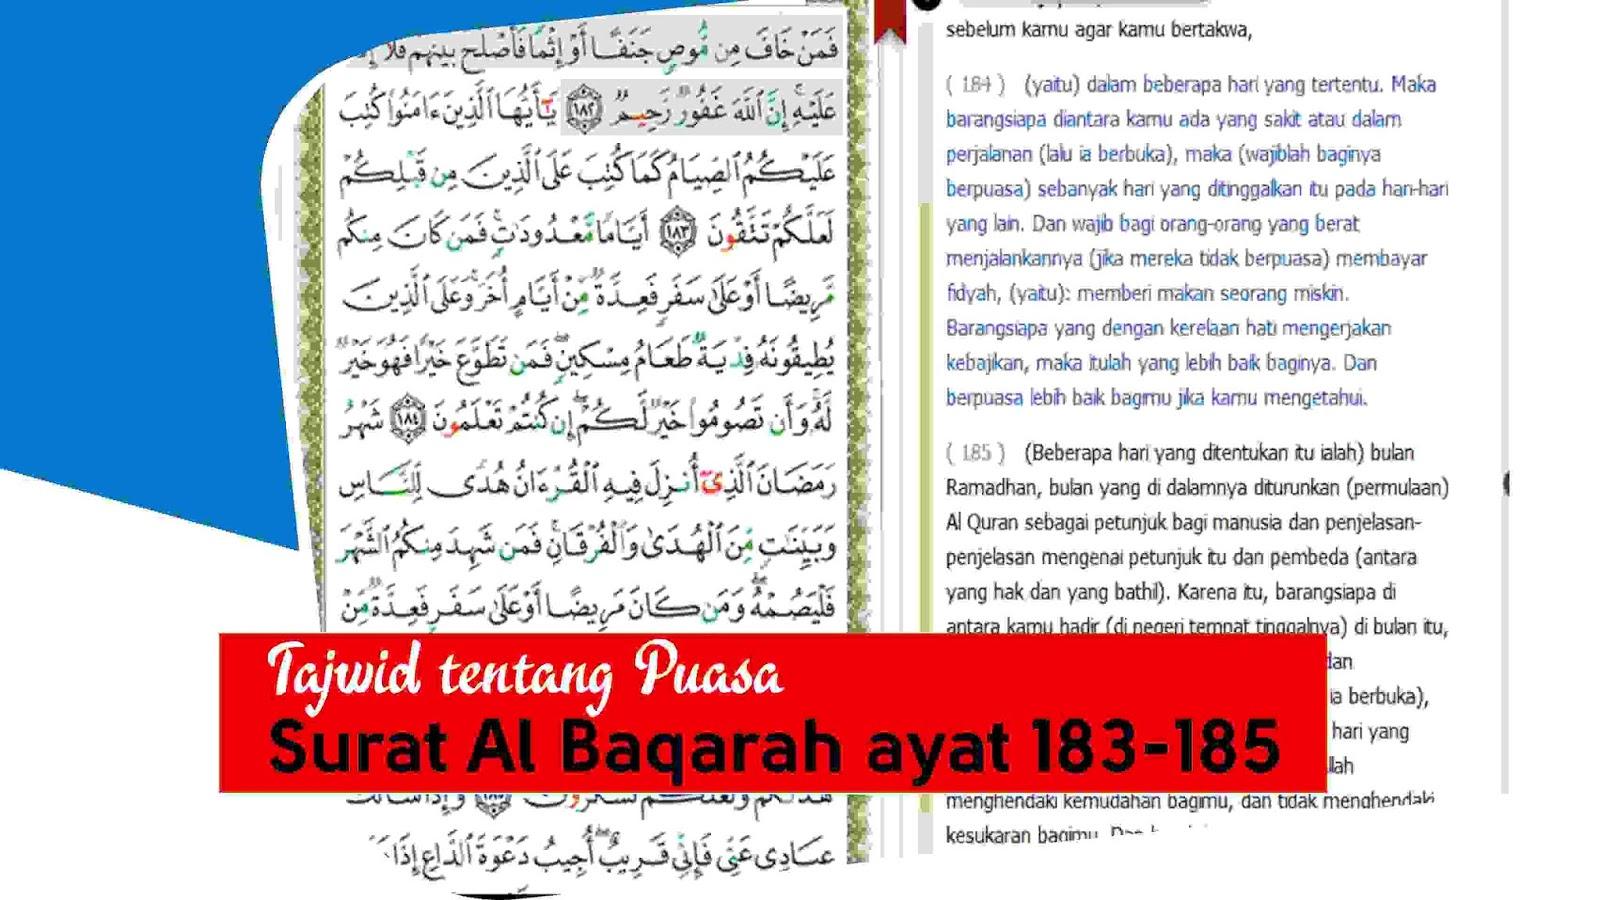 tajwid surat al baqarah ayat 183-185